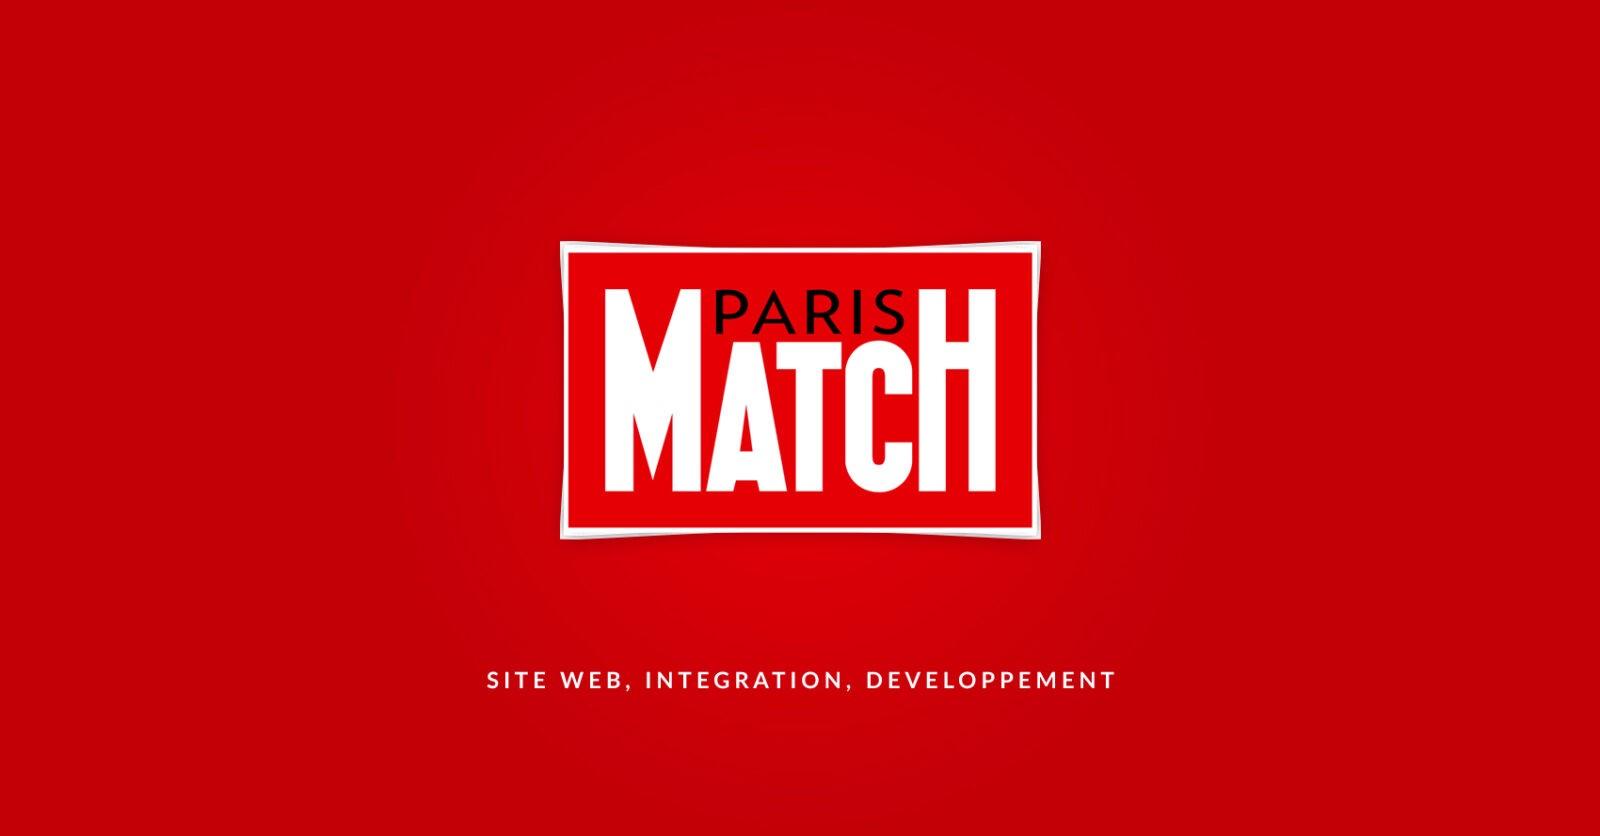 Conception et développement du site web de Paris Match par l'agence web Majjane.